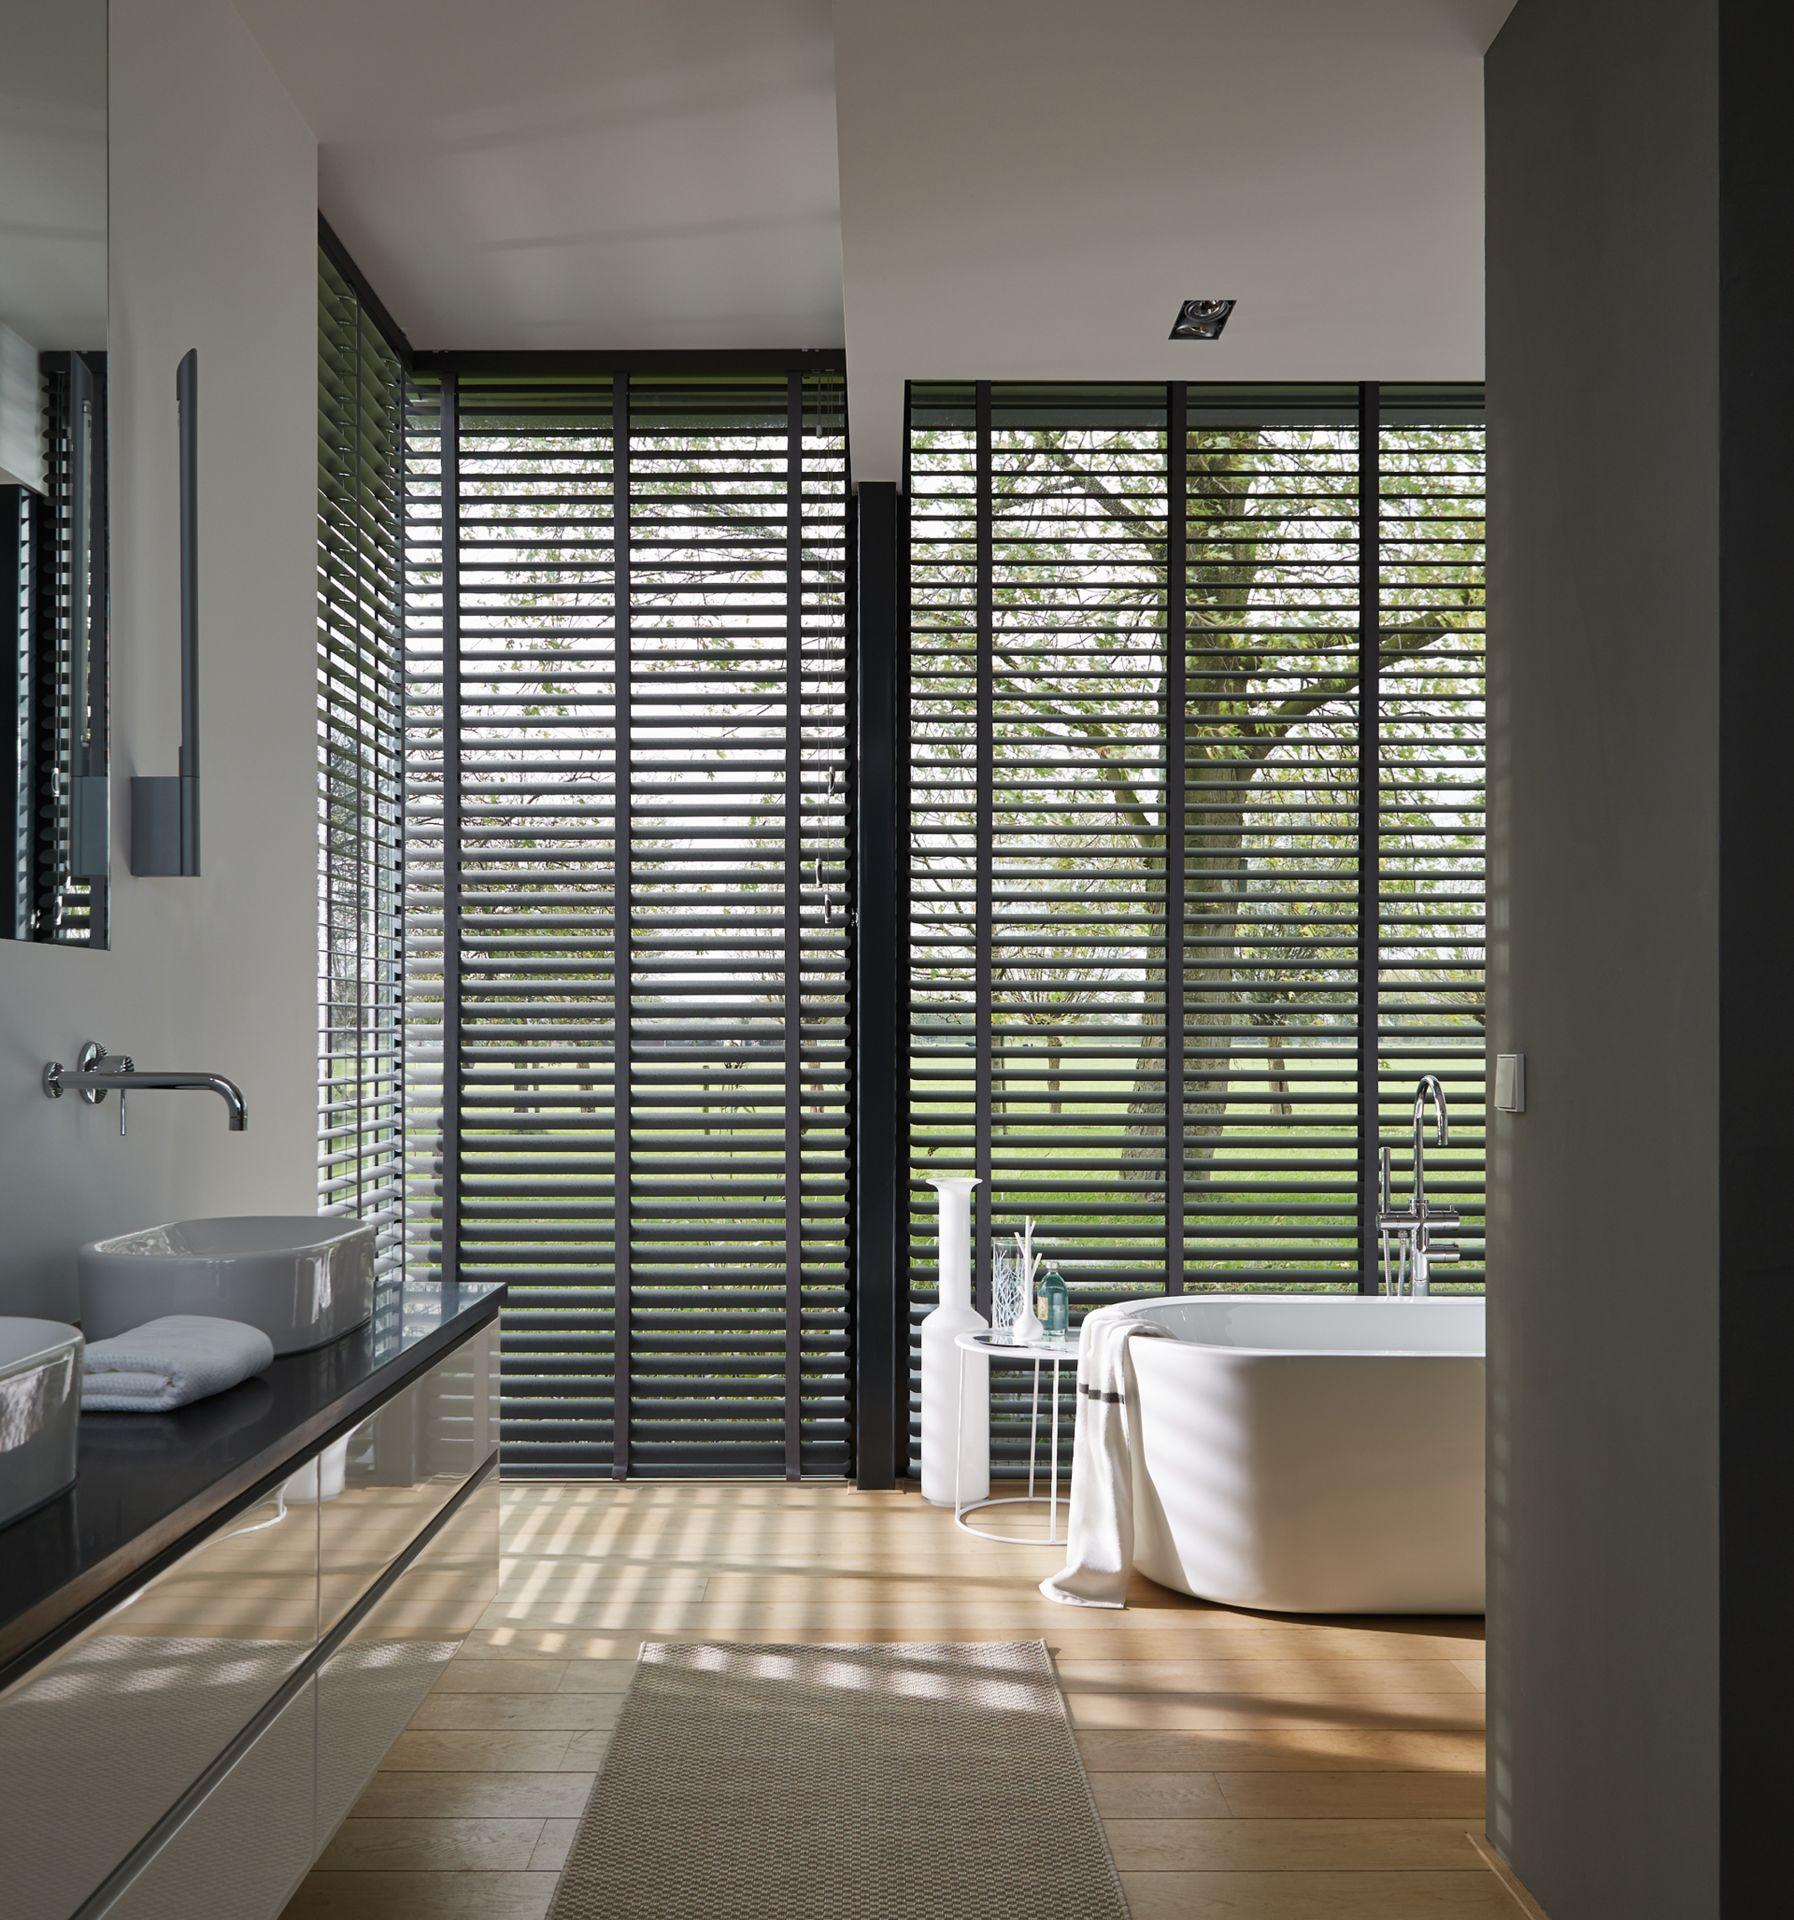 Luxaflex® Horizontale Jaloezieën | badkamer | Pinterest | Interiors ...